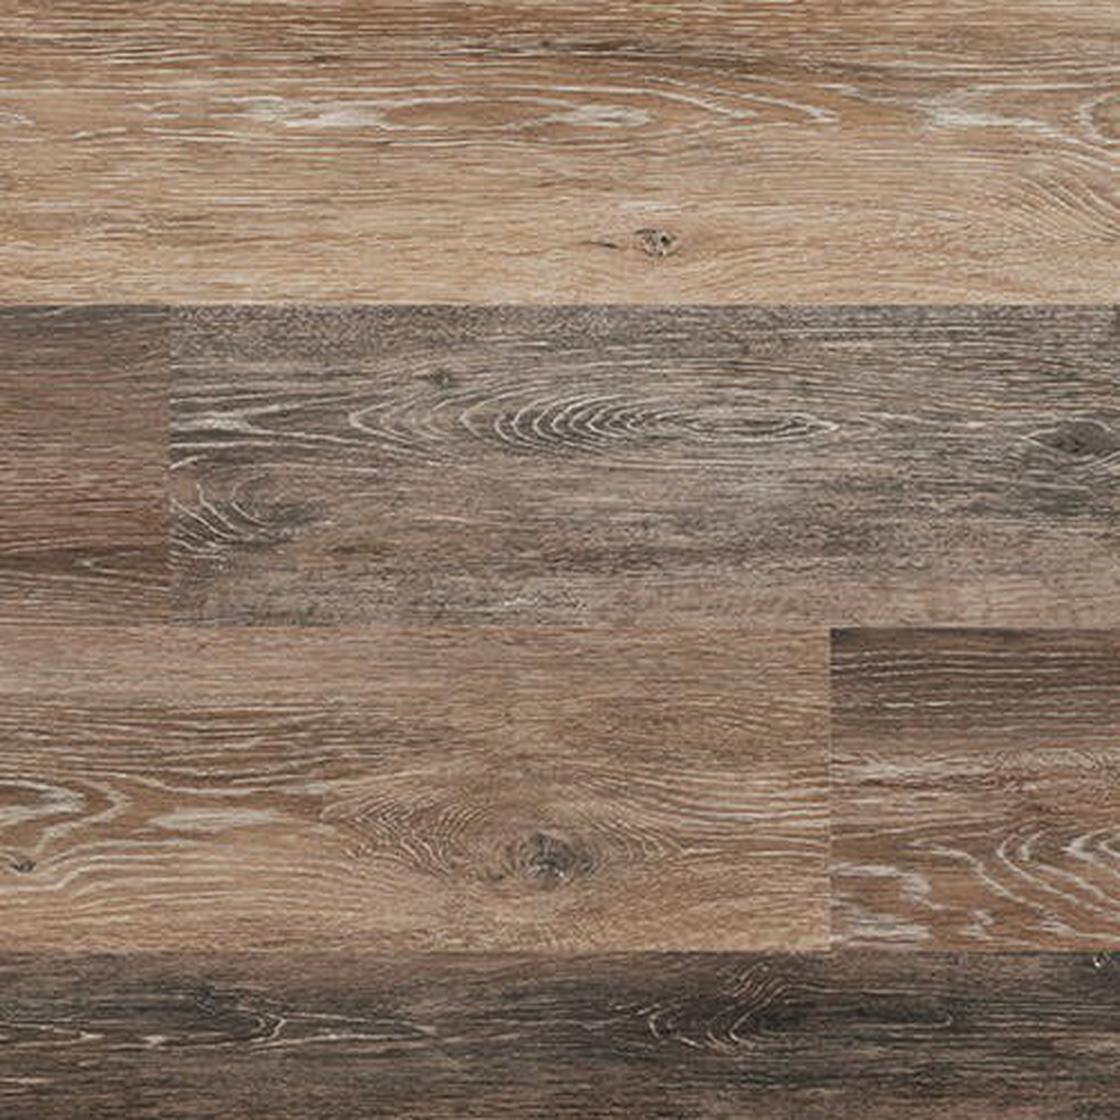 project floors pw 1265 30 floors home vinylboden designbodenbelag g nstig kaufen onlineshop. Black Bedroom Furniture Sets. Home Design Ideas